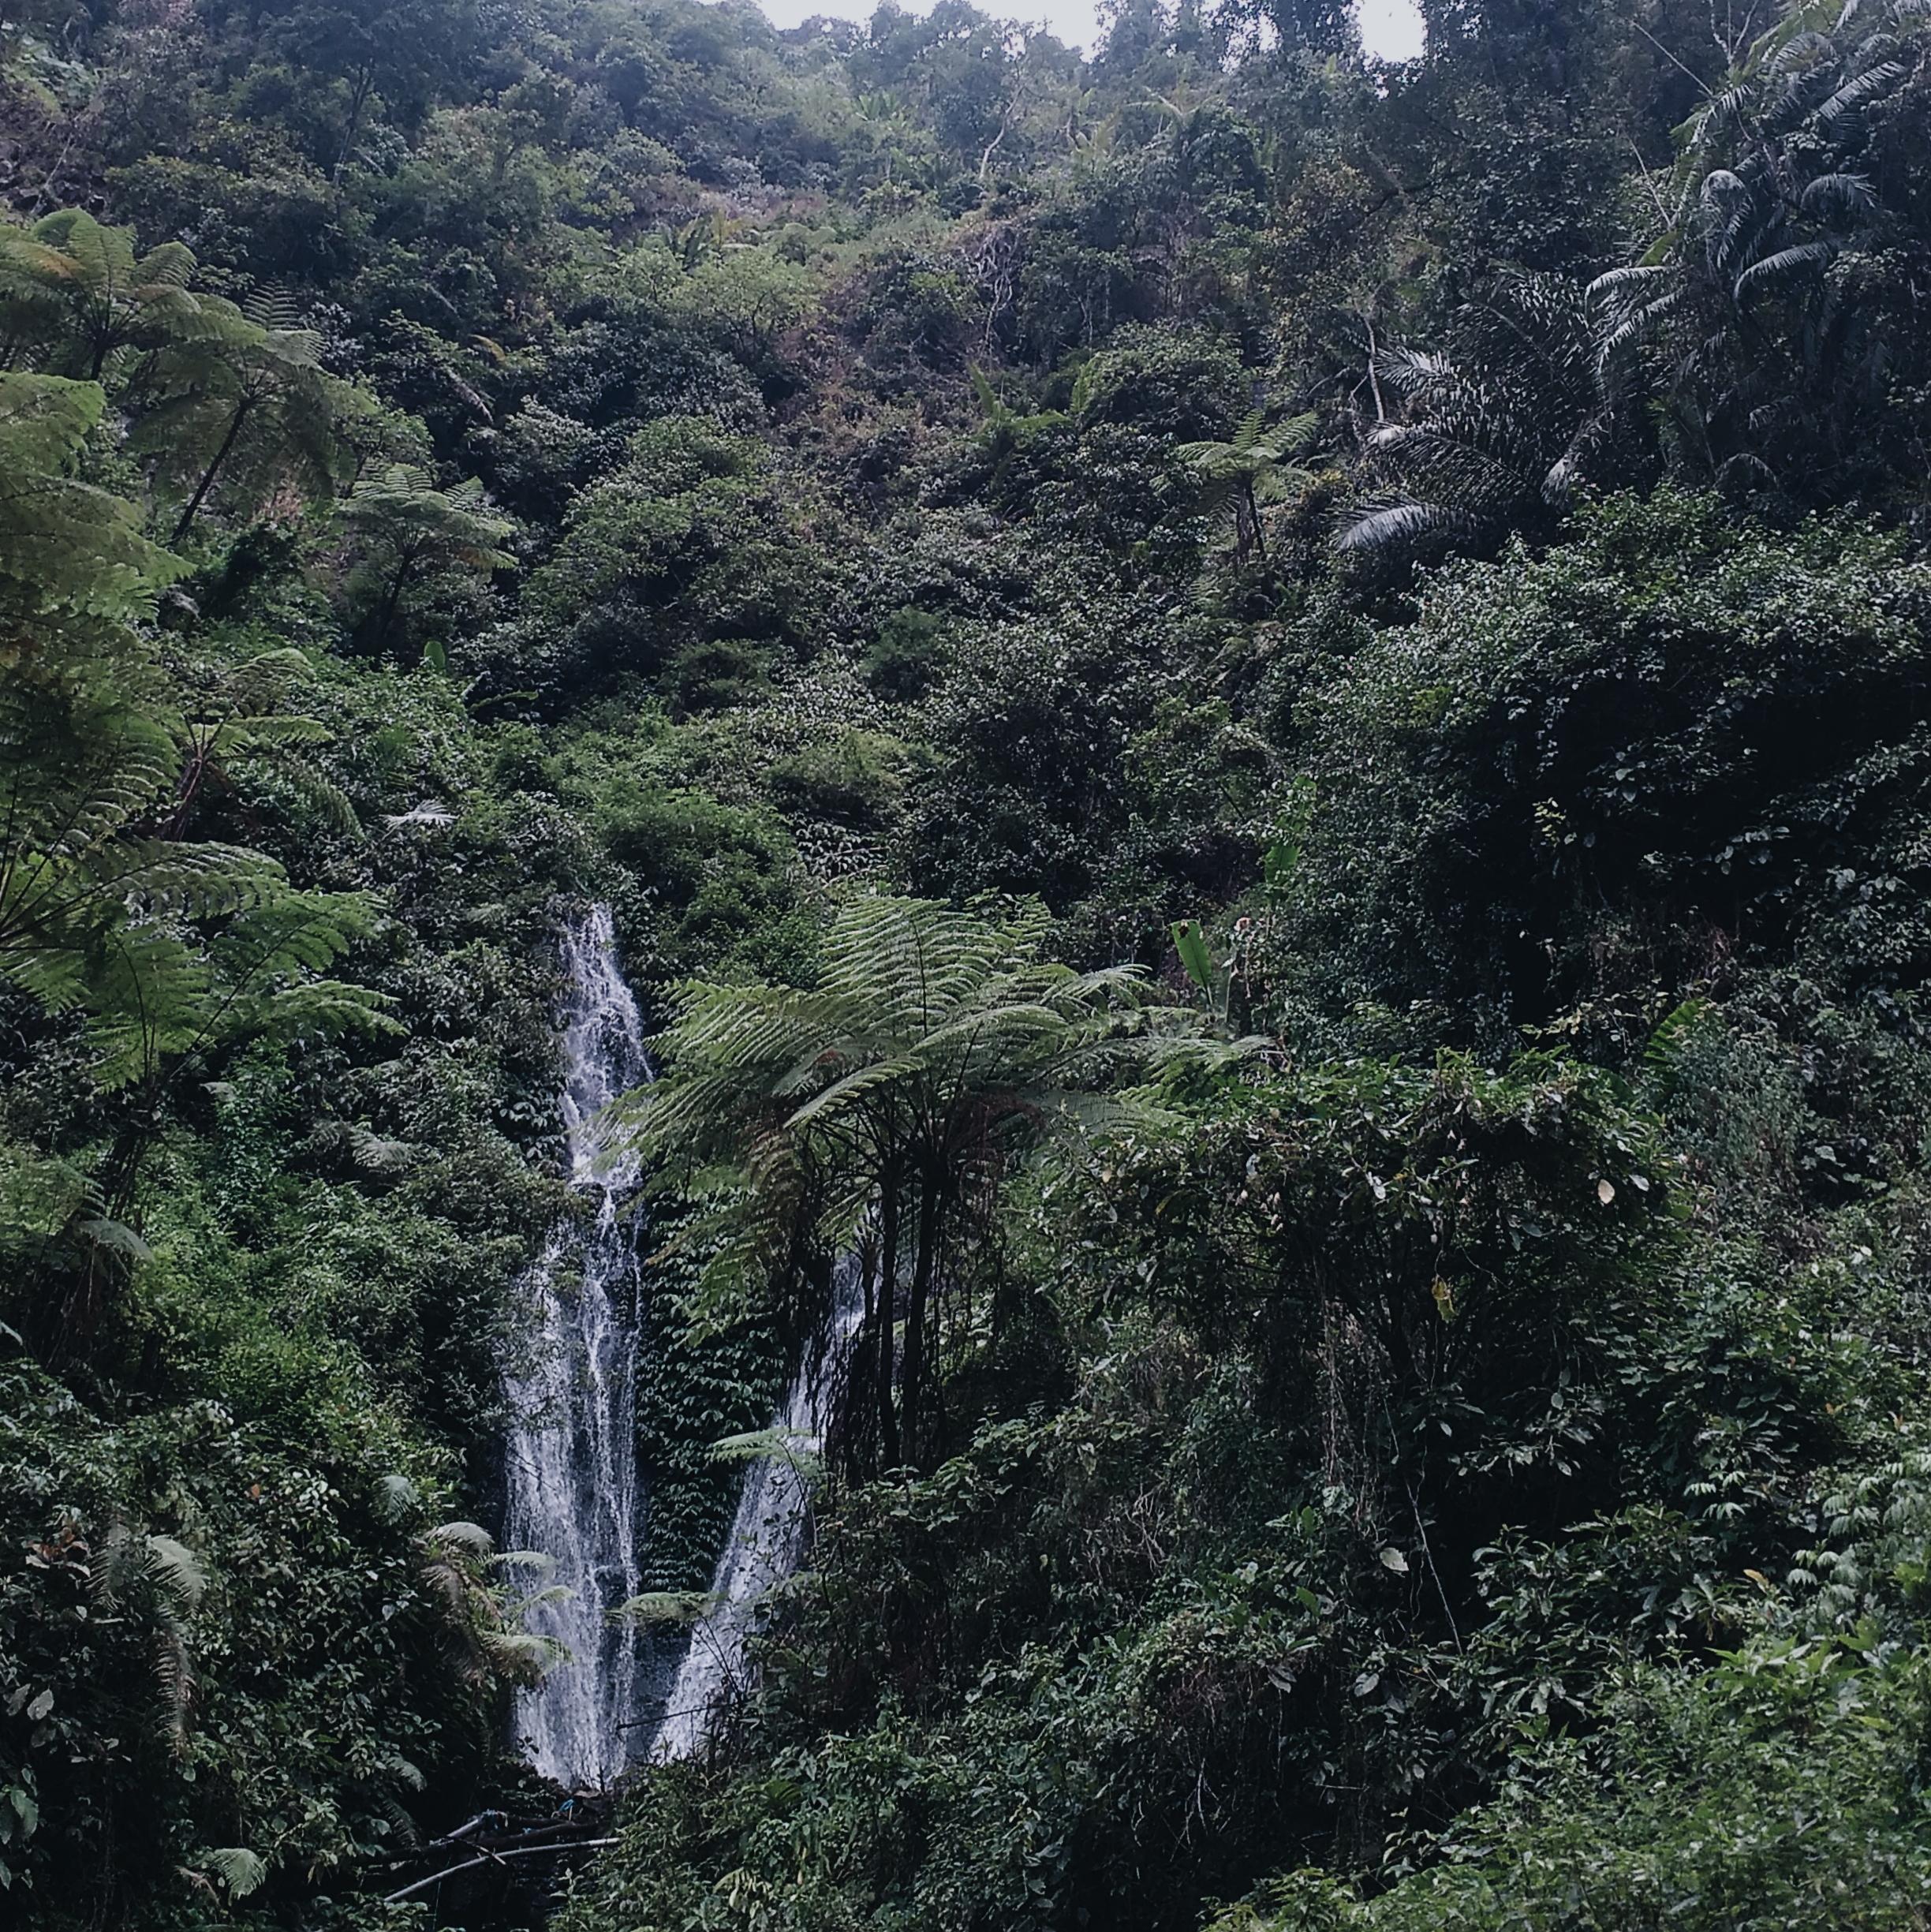 Air Terjun Madakaripura Legenda Pertapaan Maha Penampakan Jauh Serasa Berada